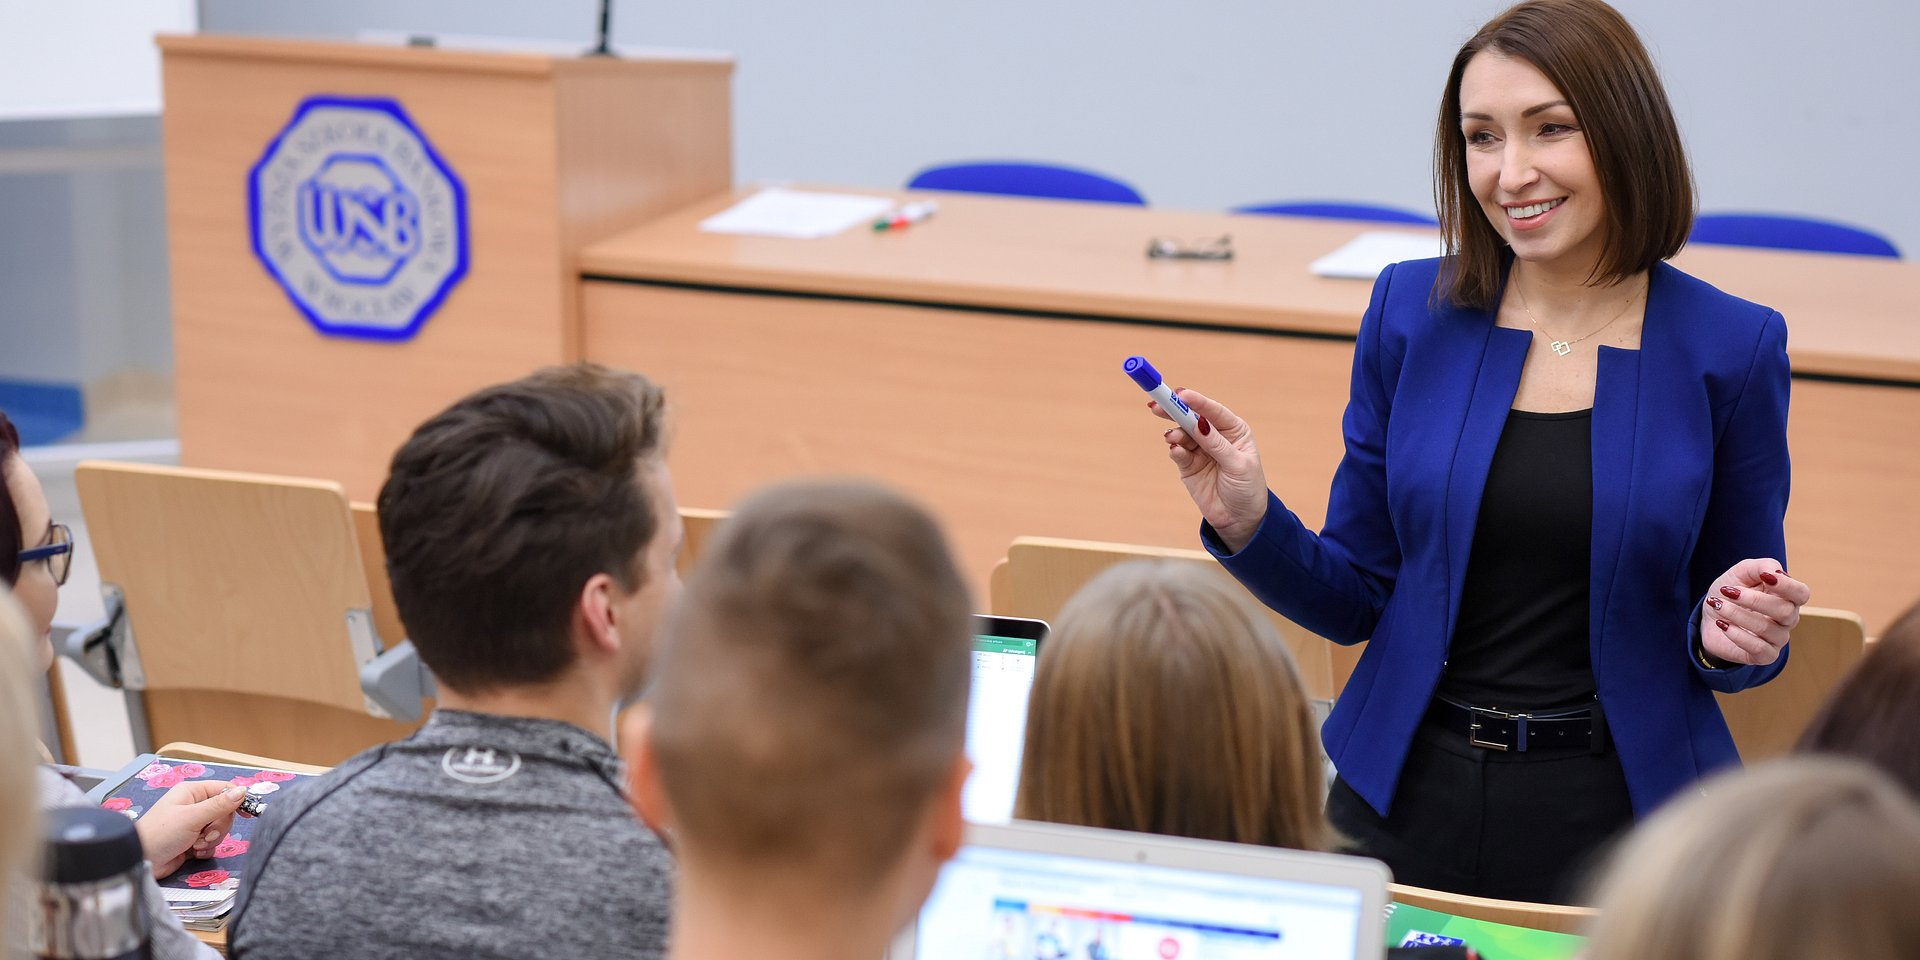 Nauka i praktyka - czyli studia w Wyższej Szkole Bankowej!